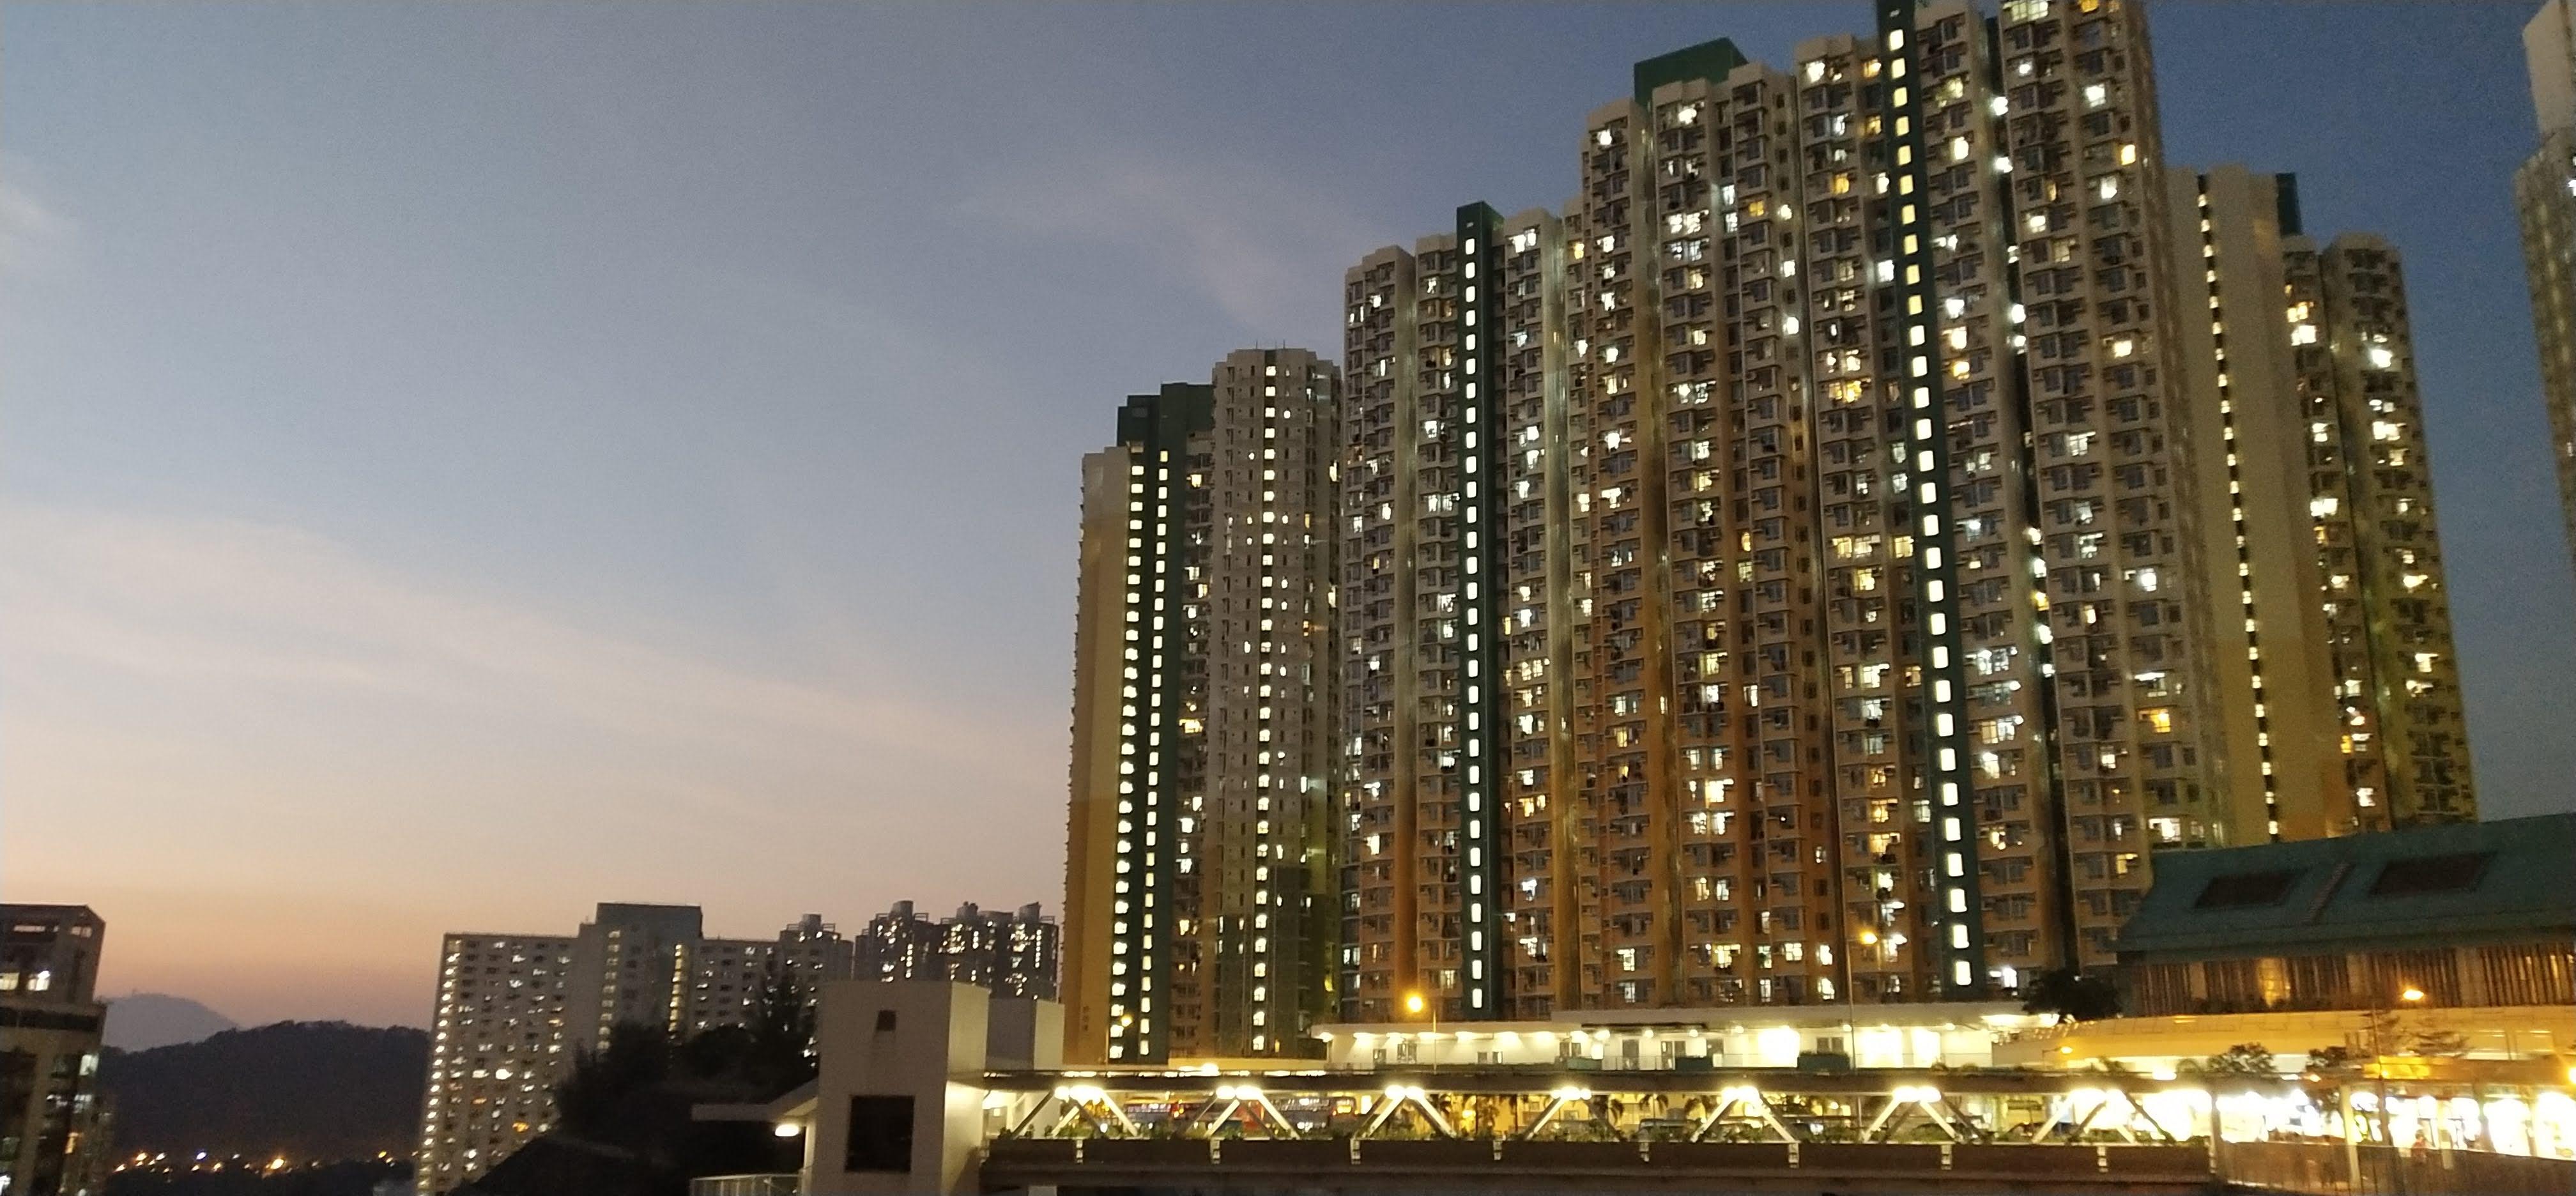 On Tai Estate night view